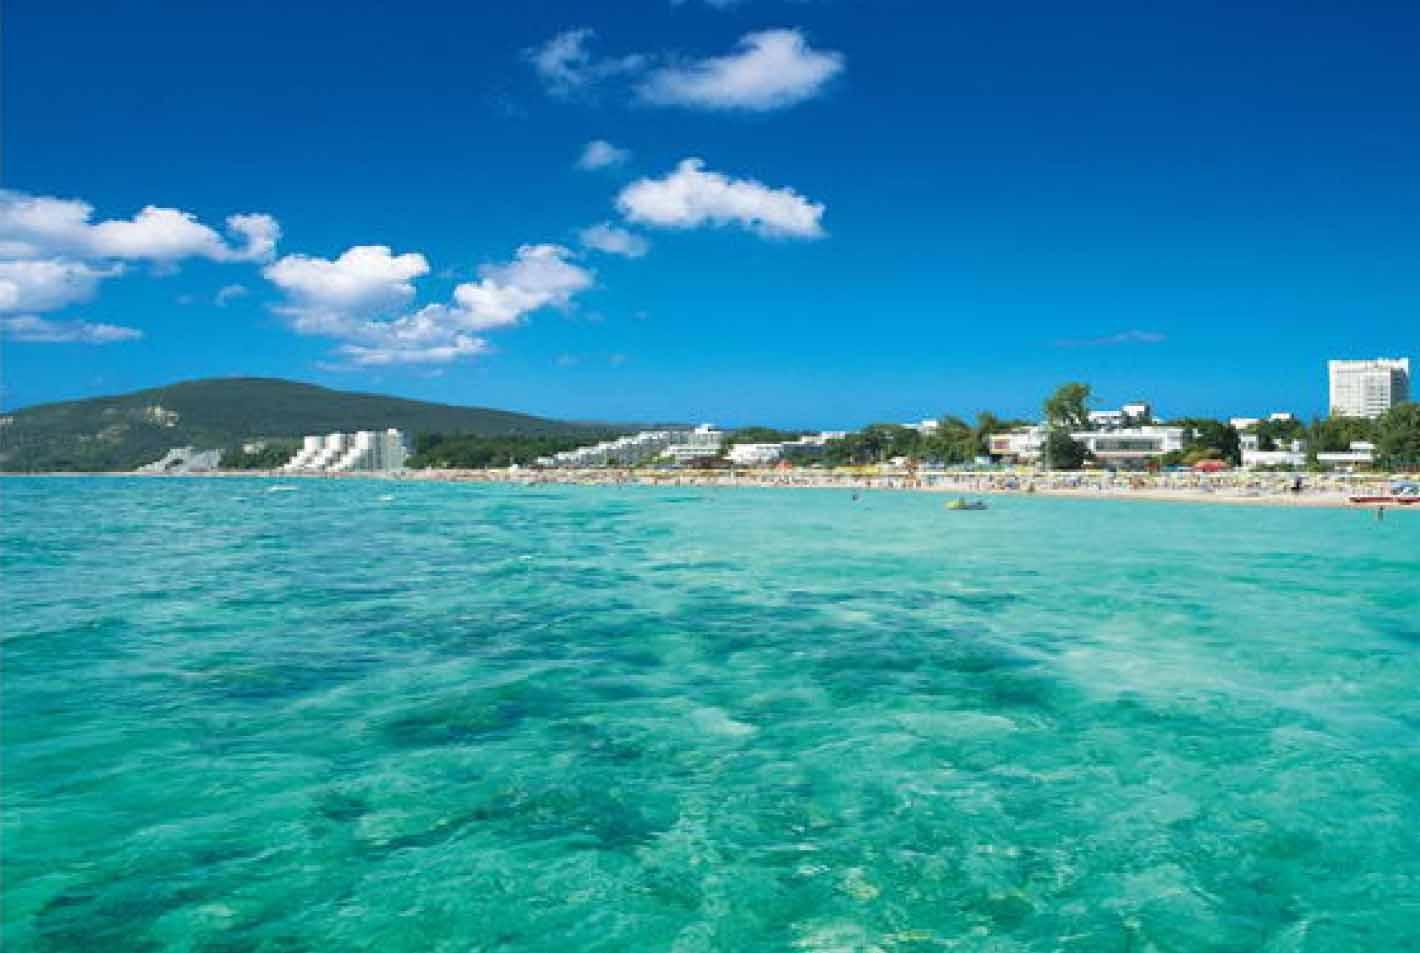 Фото моря и пляжа 4 фотография